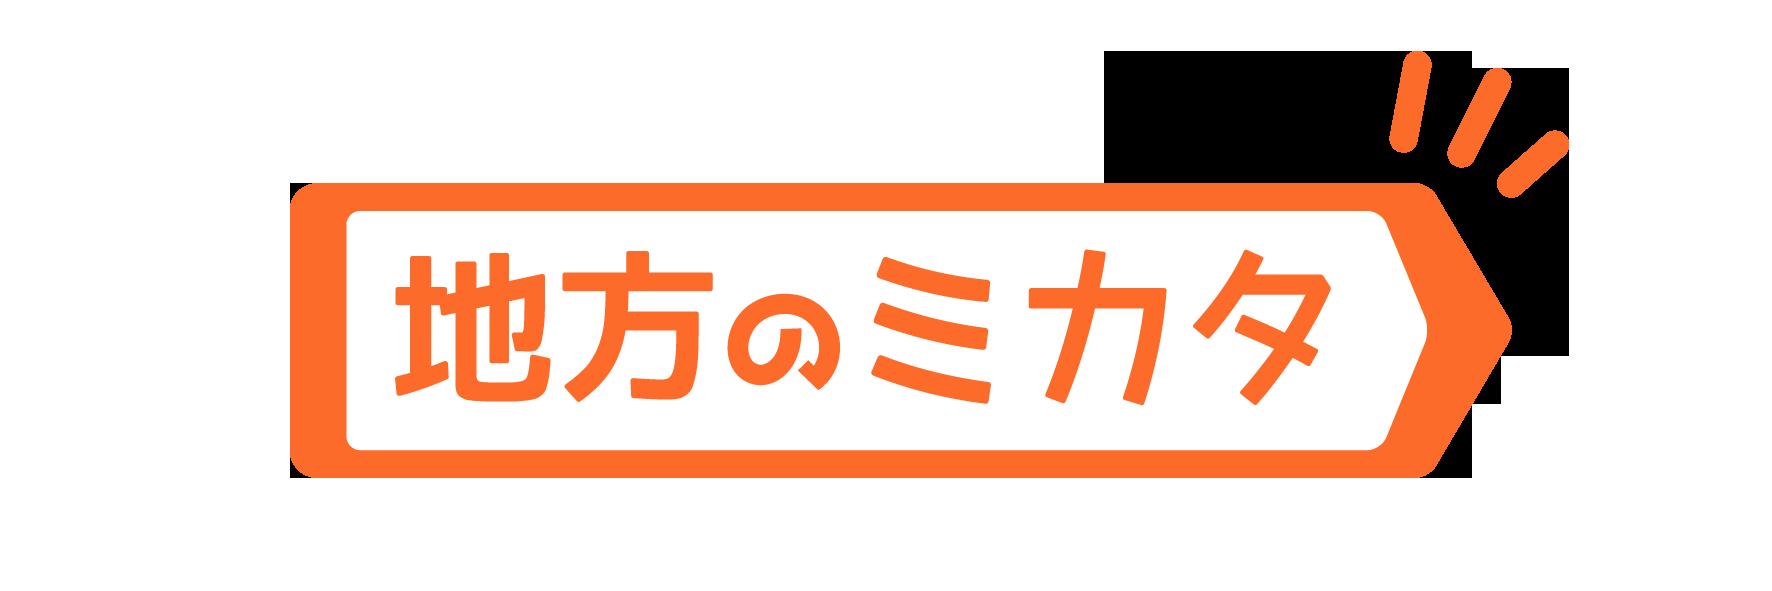 地方のミカタ Logo